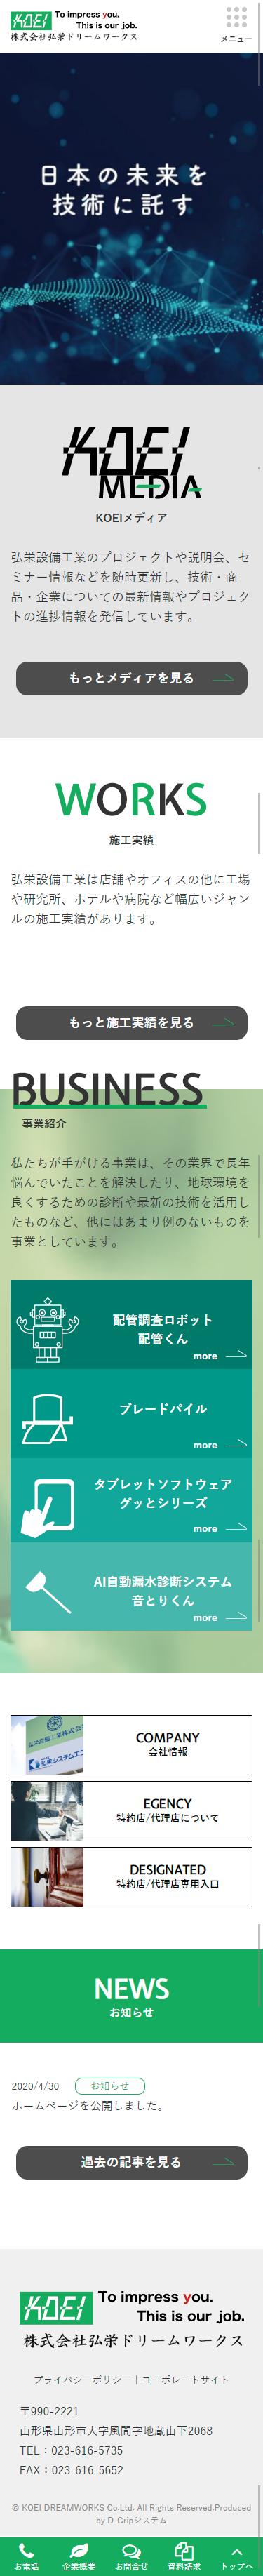 株式会社弘栄ドリームワークス様